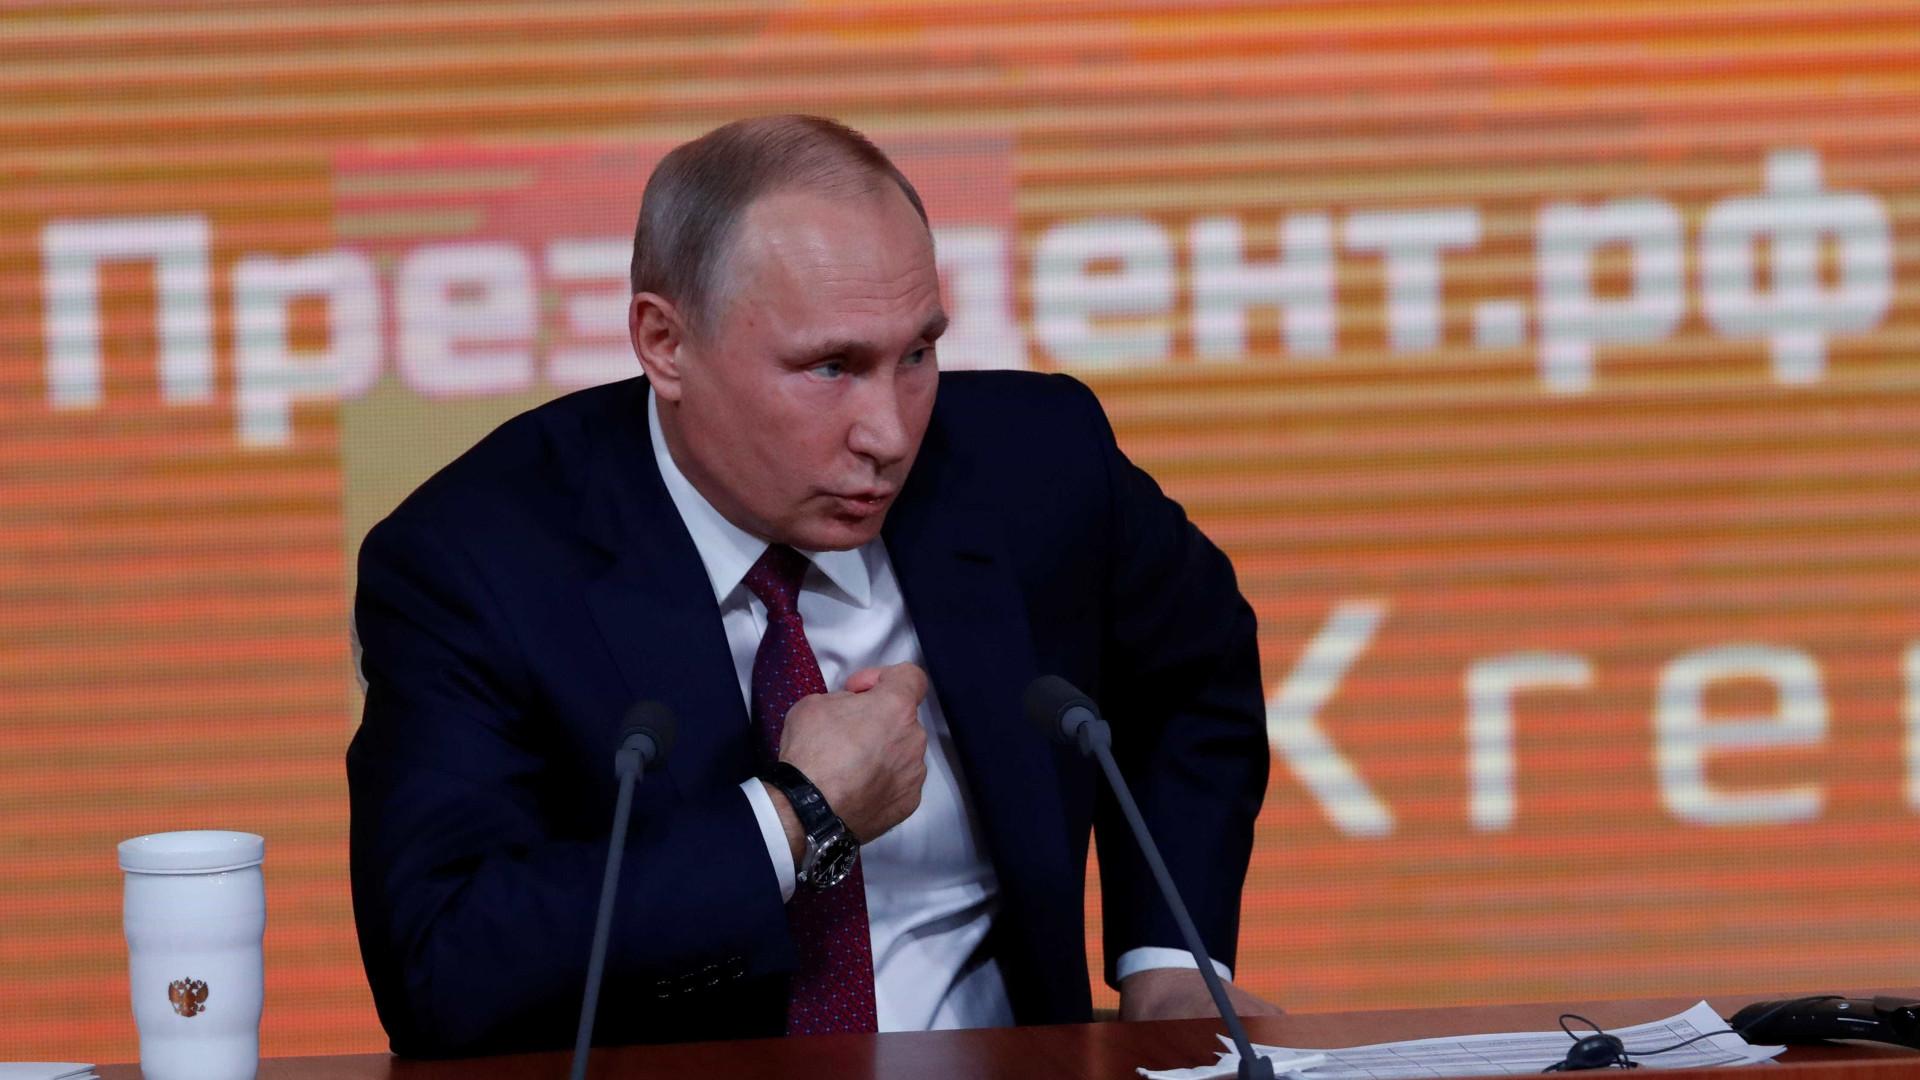 Casa Branca confirma conversa entre Trump e Putin sobre Coreia do Norte